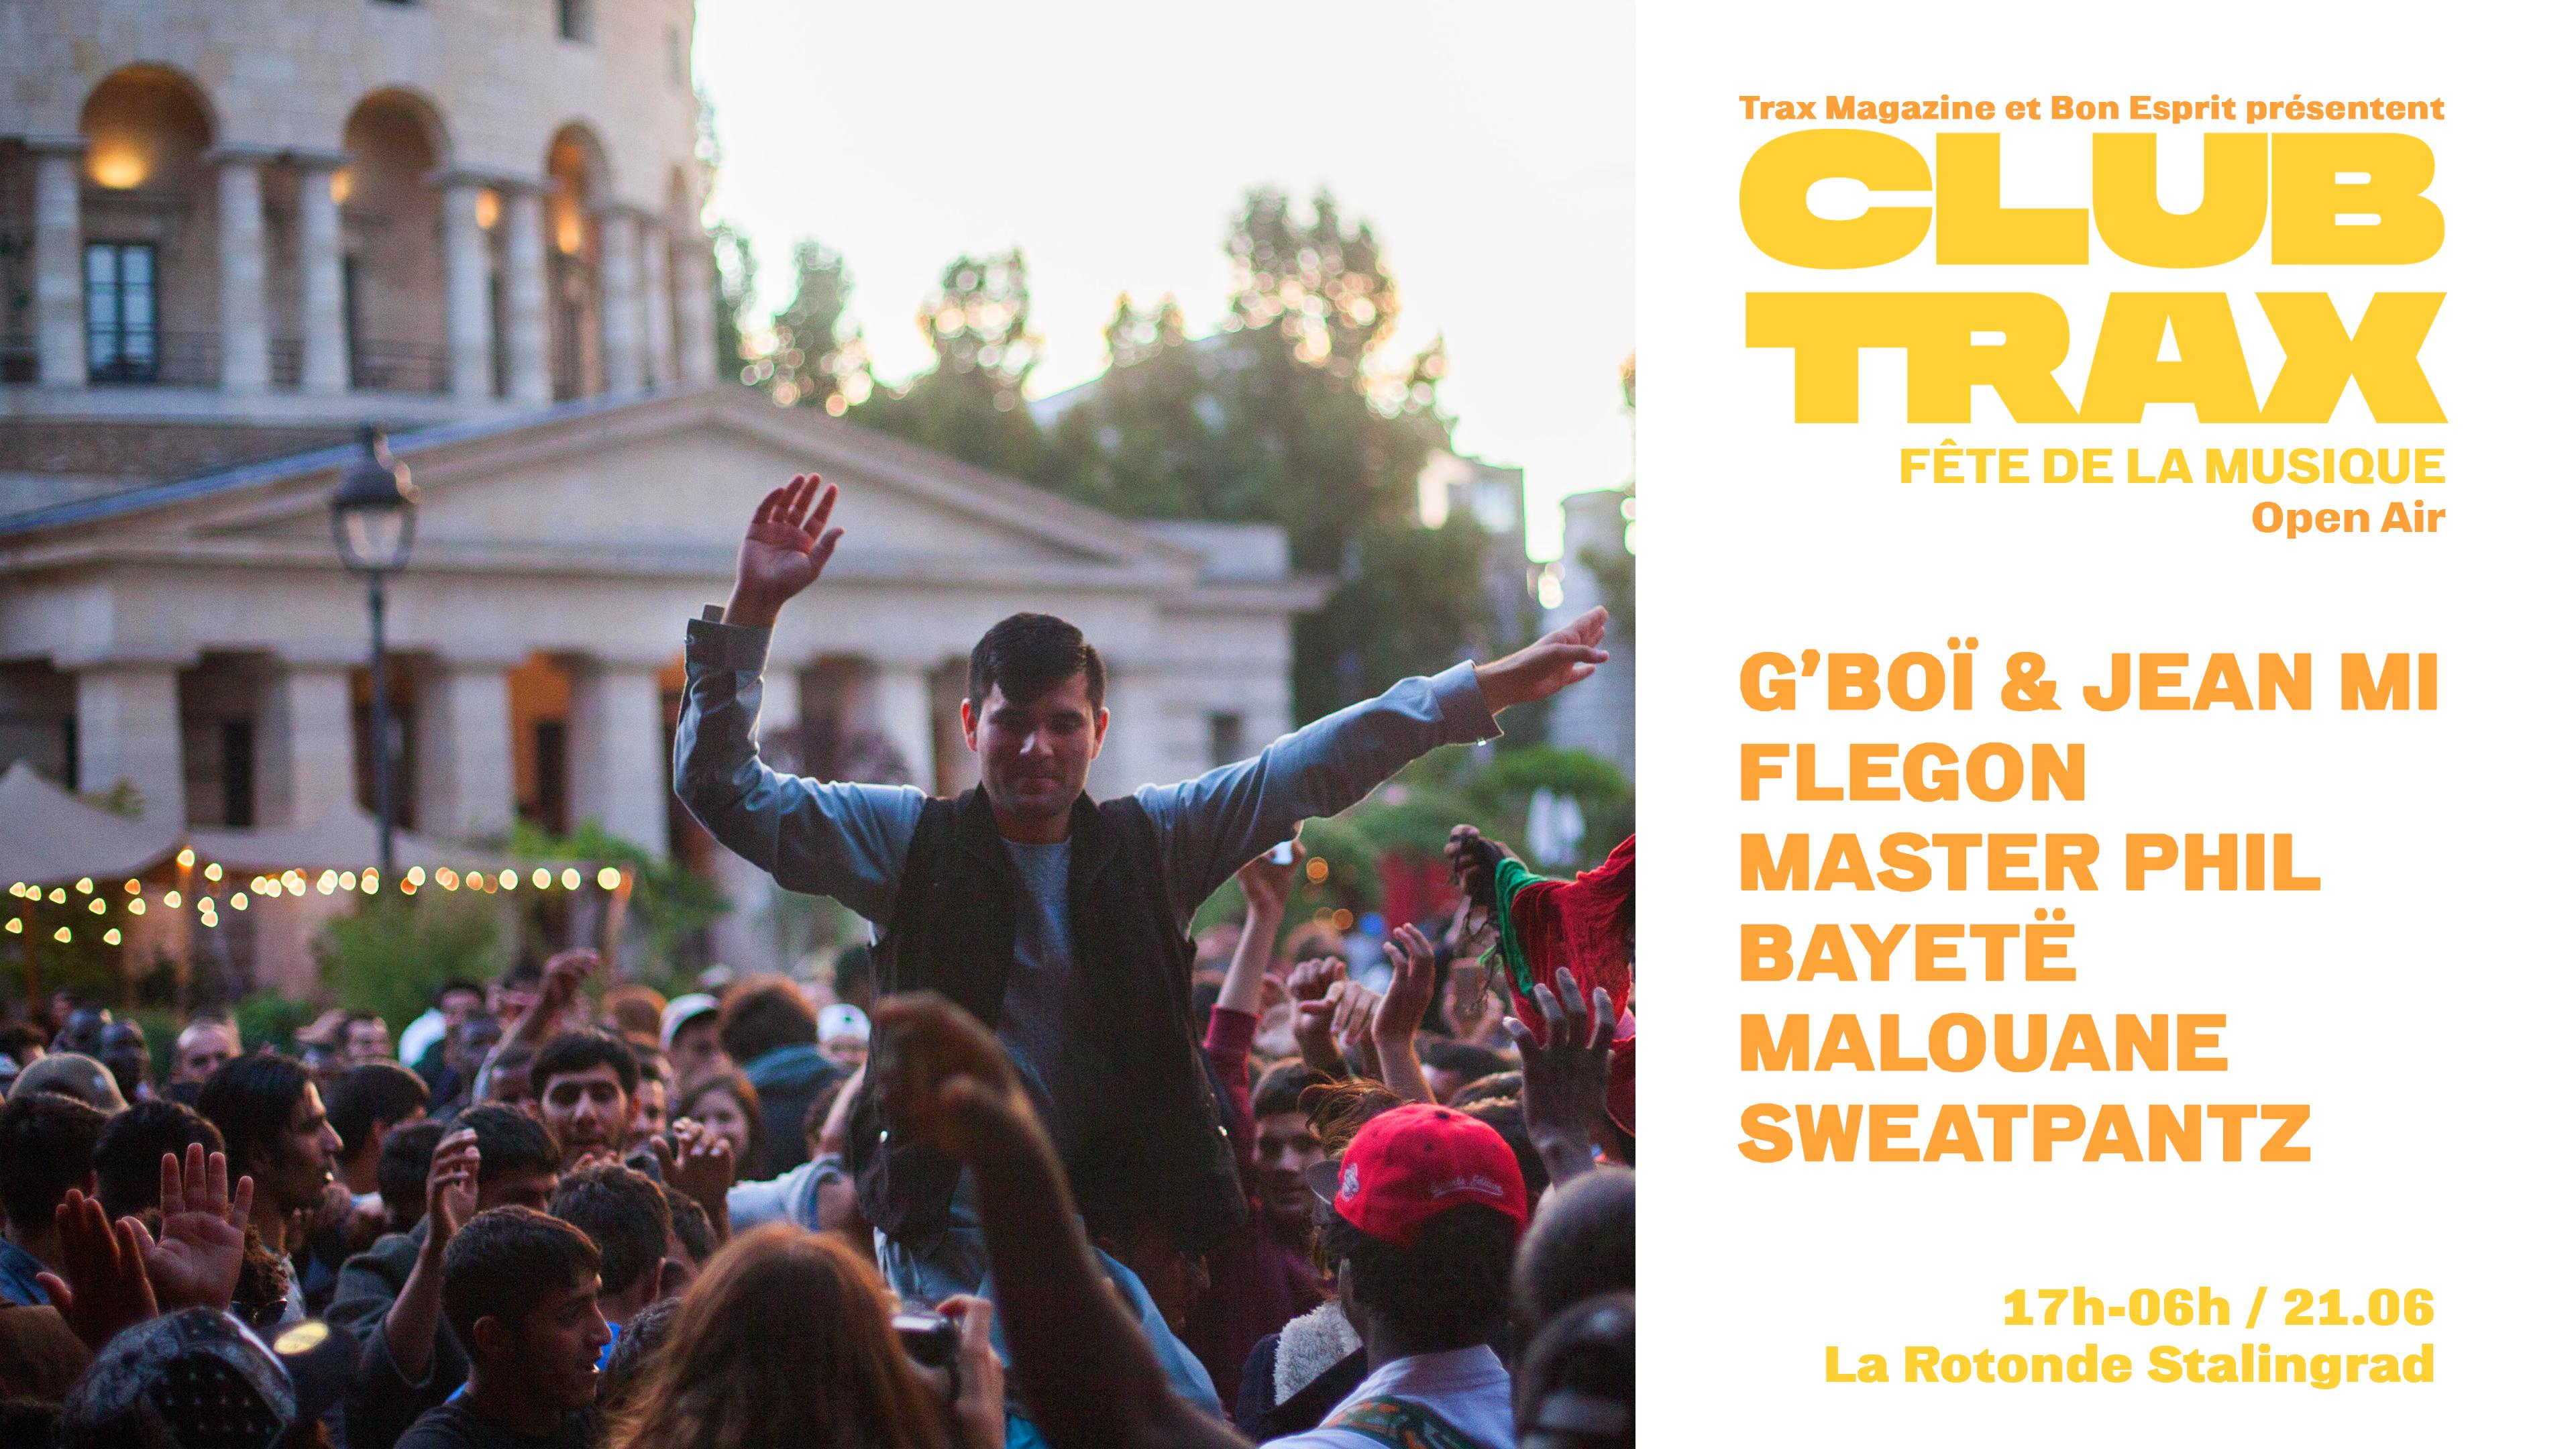 Club Trax - Fête de la Musique